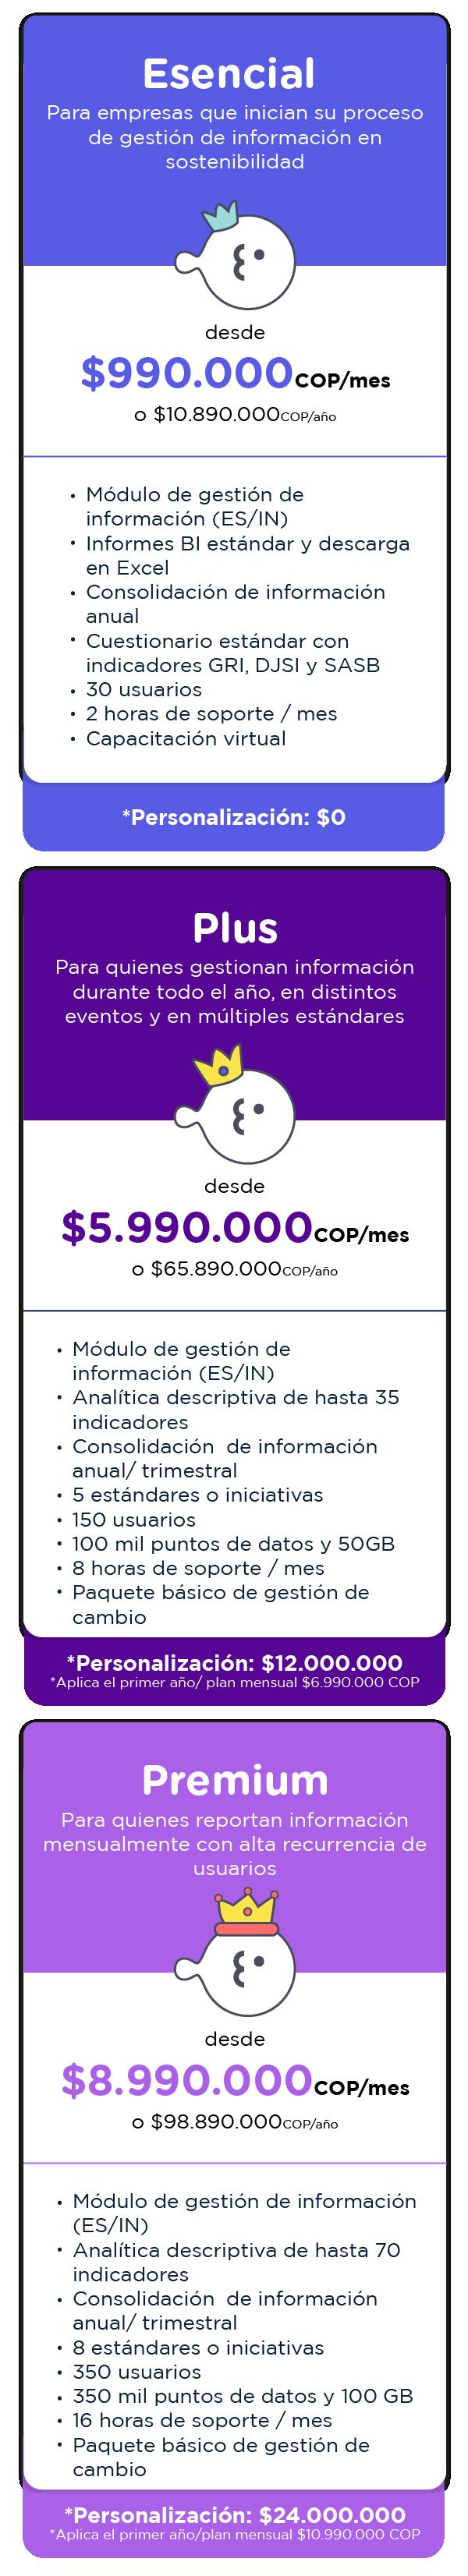 Abril-2021-Mobile